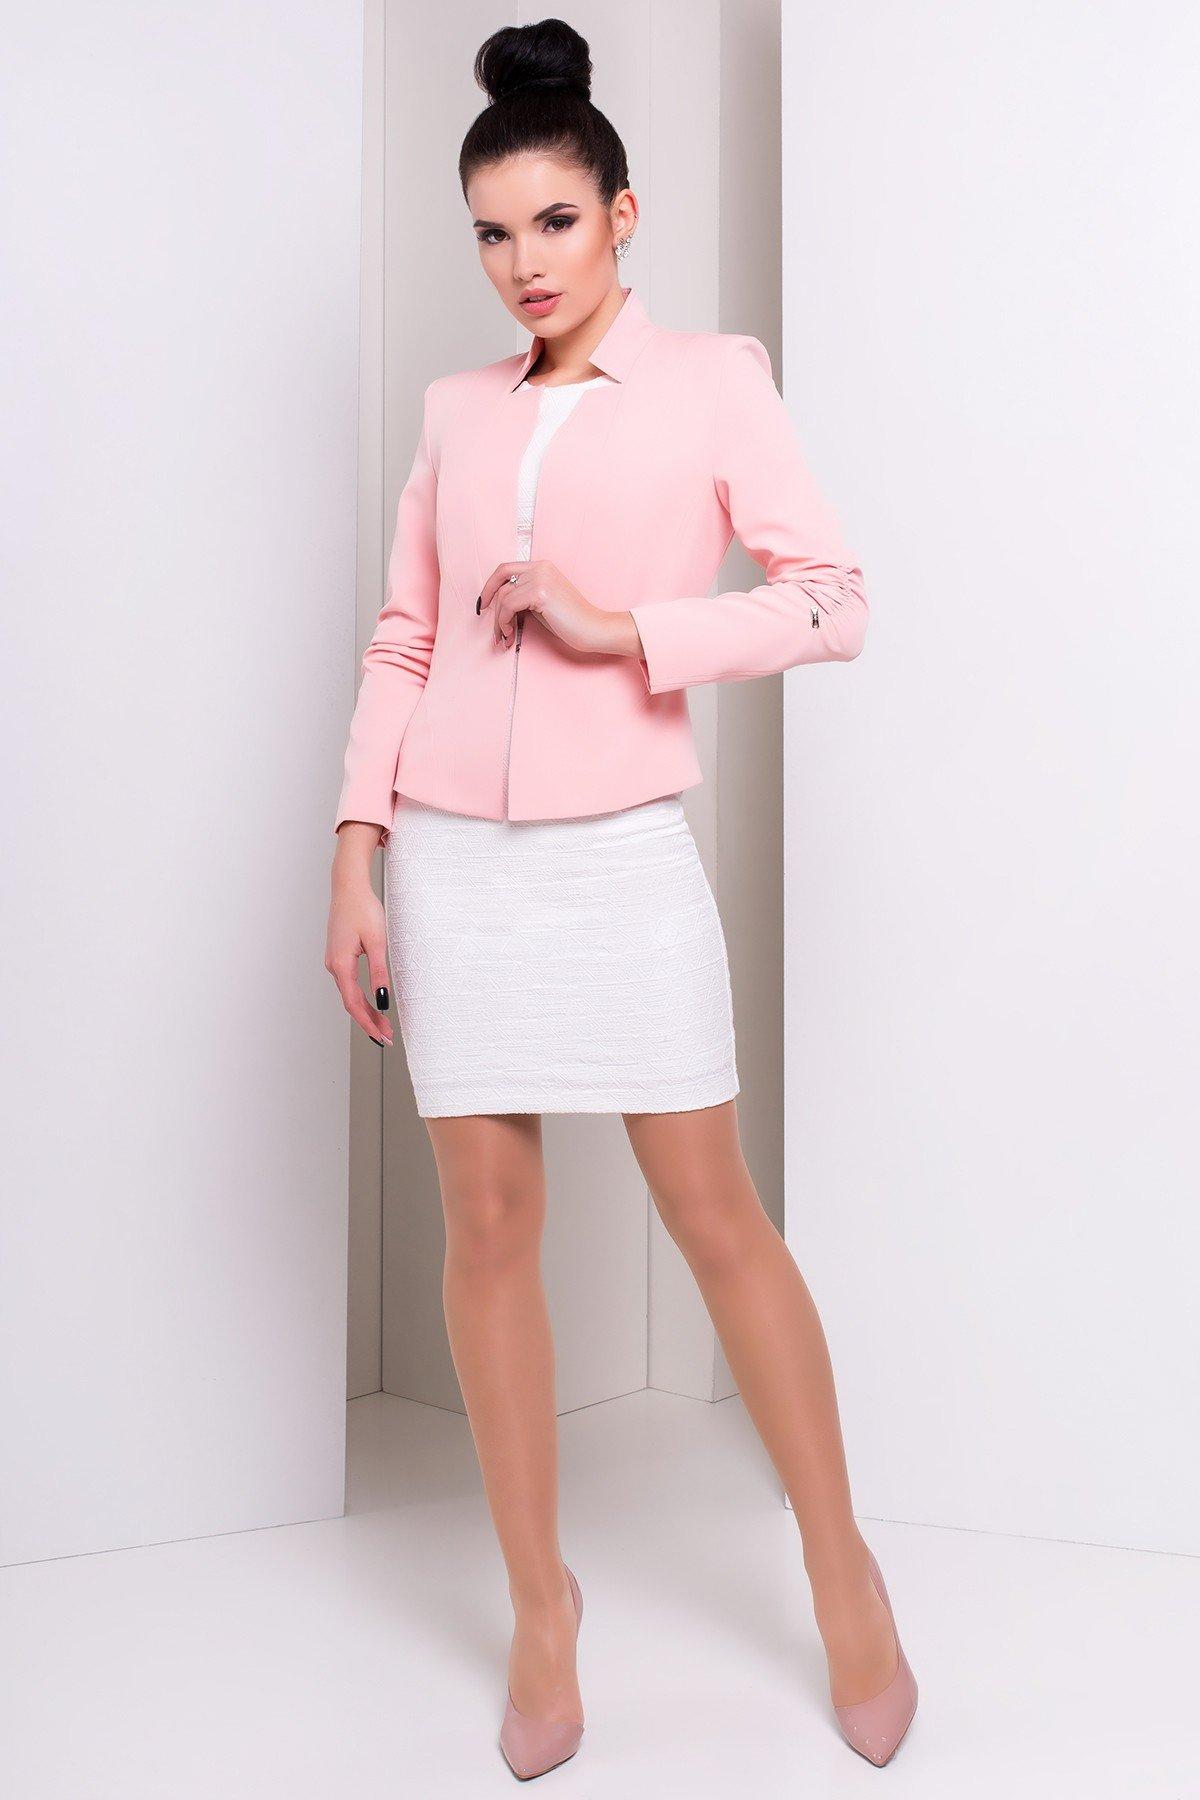 модный светло-розовый пиджак 2018 года